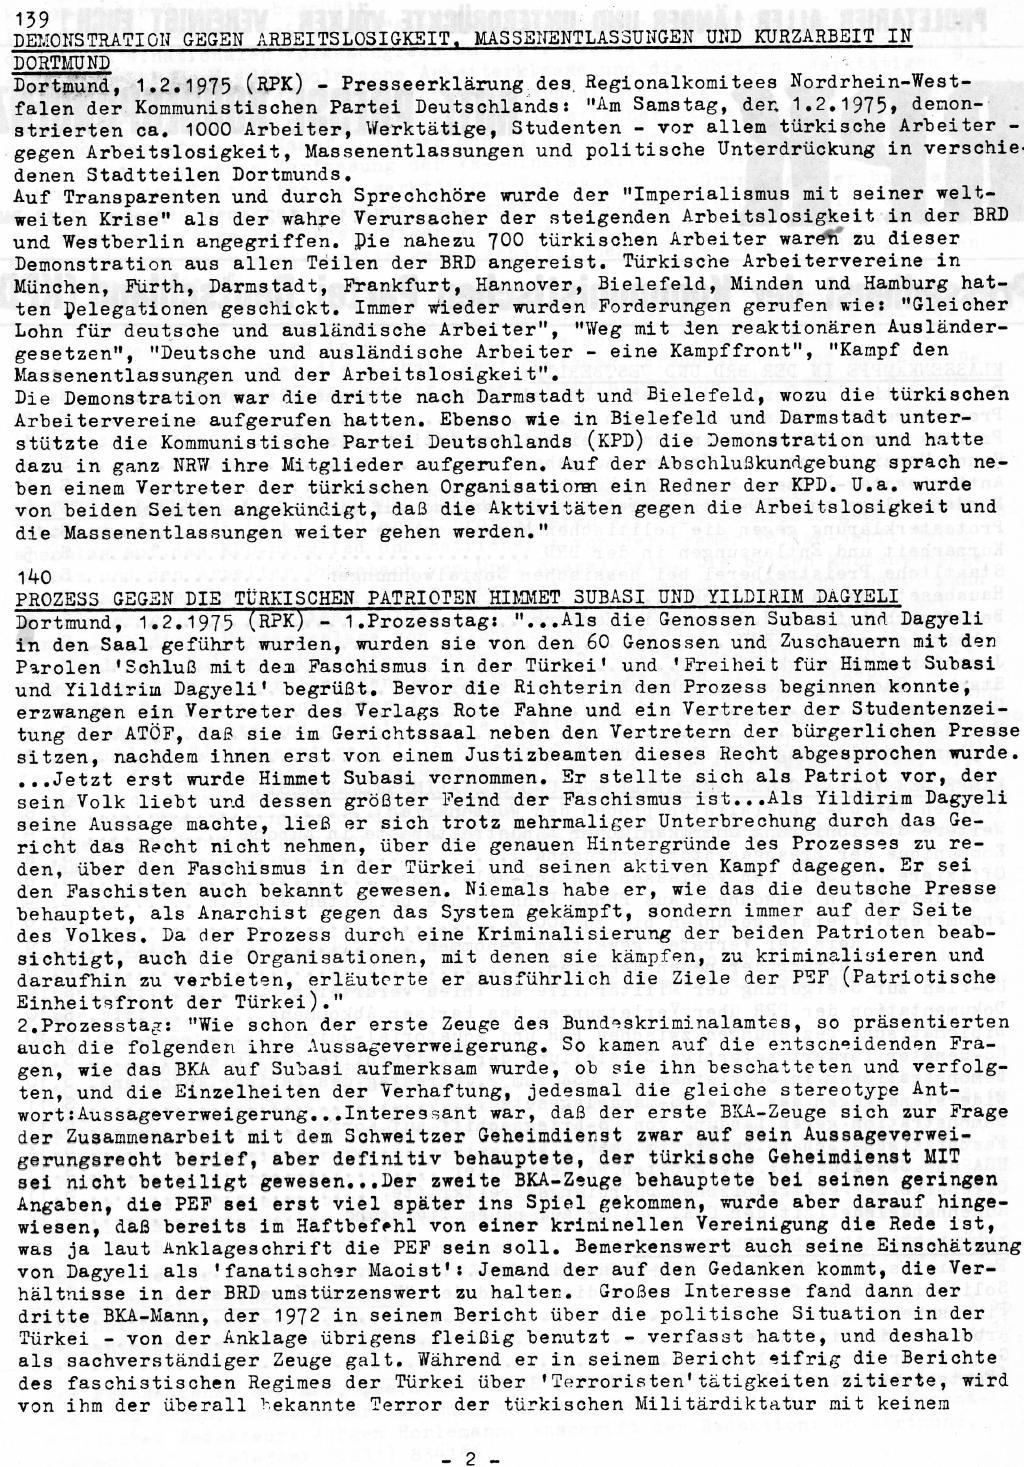 RPK_Pressedienst_1975_11_02